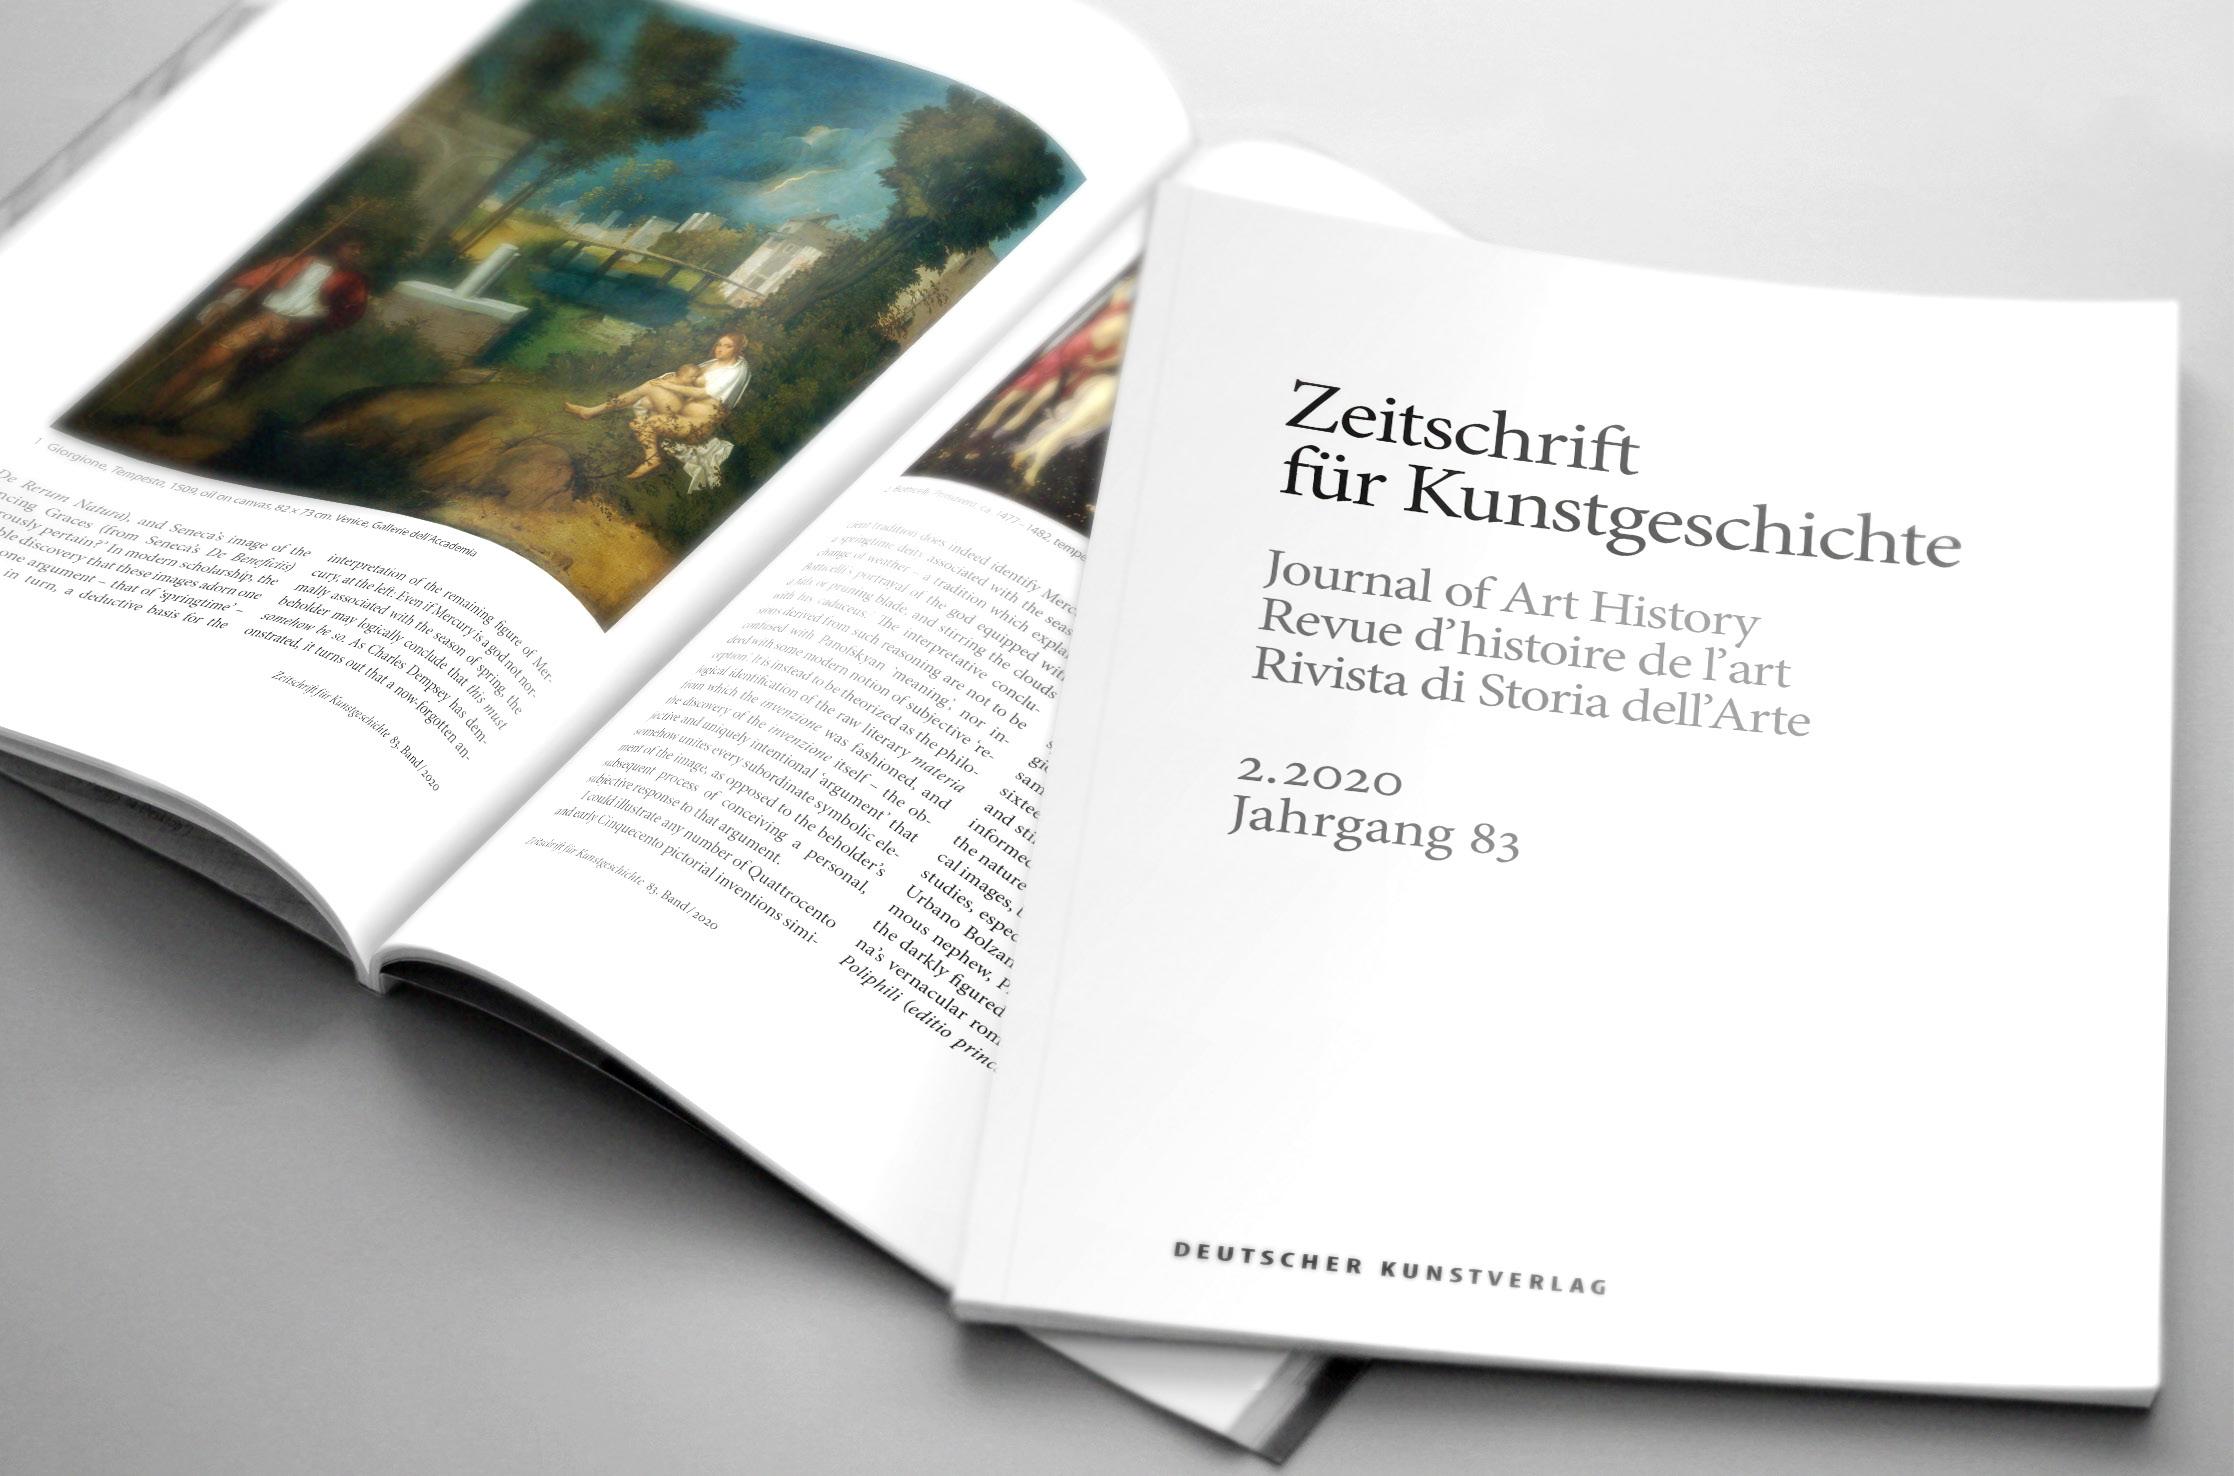 Die Zeitschrift für Kunstgeschichte wird neu organisiert